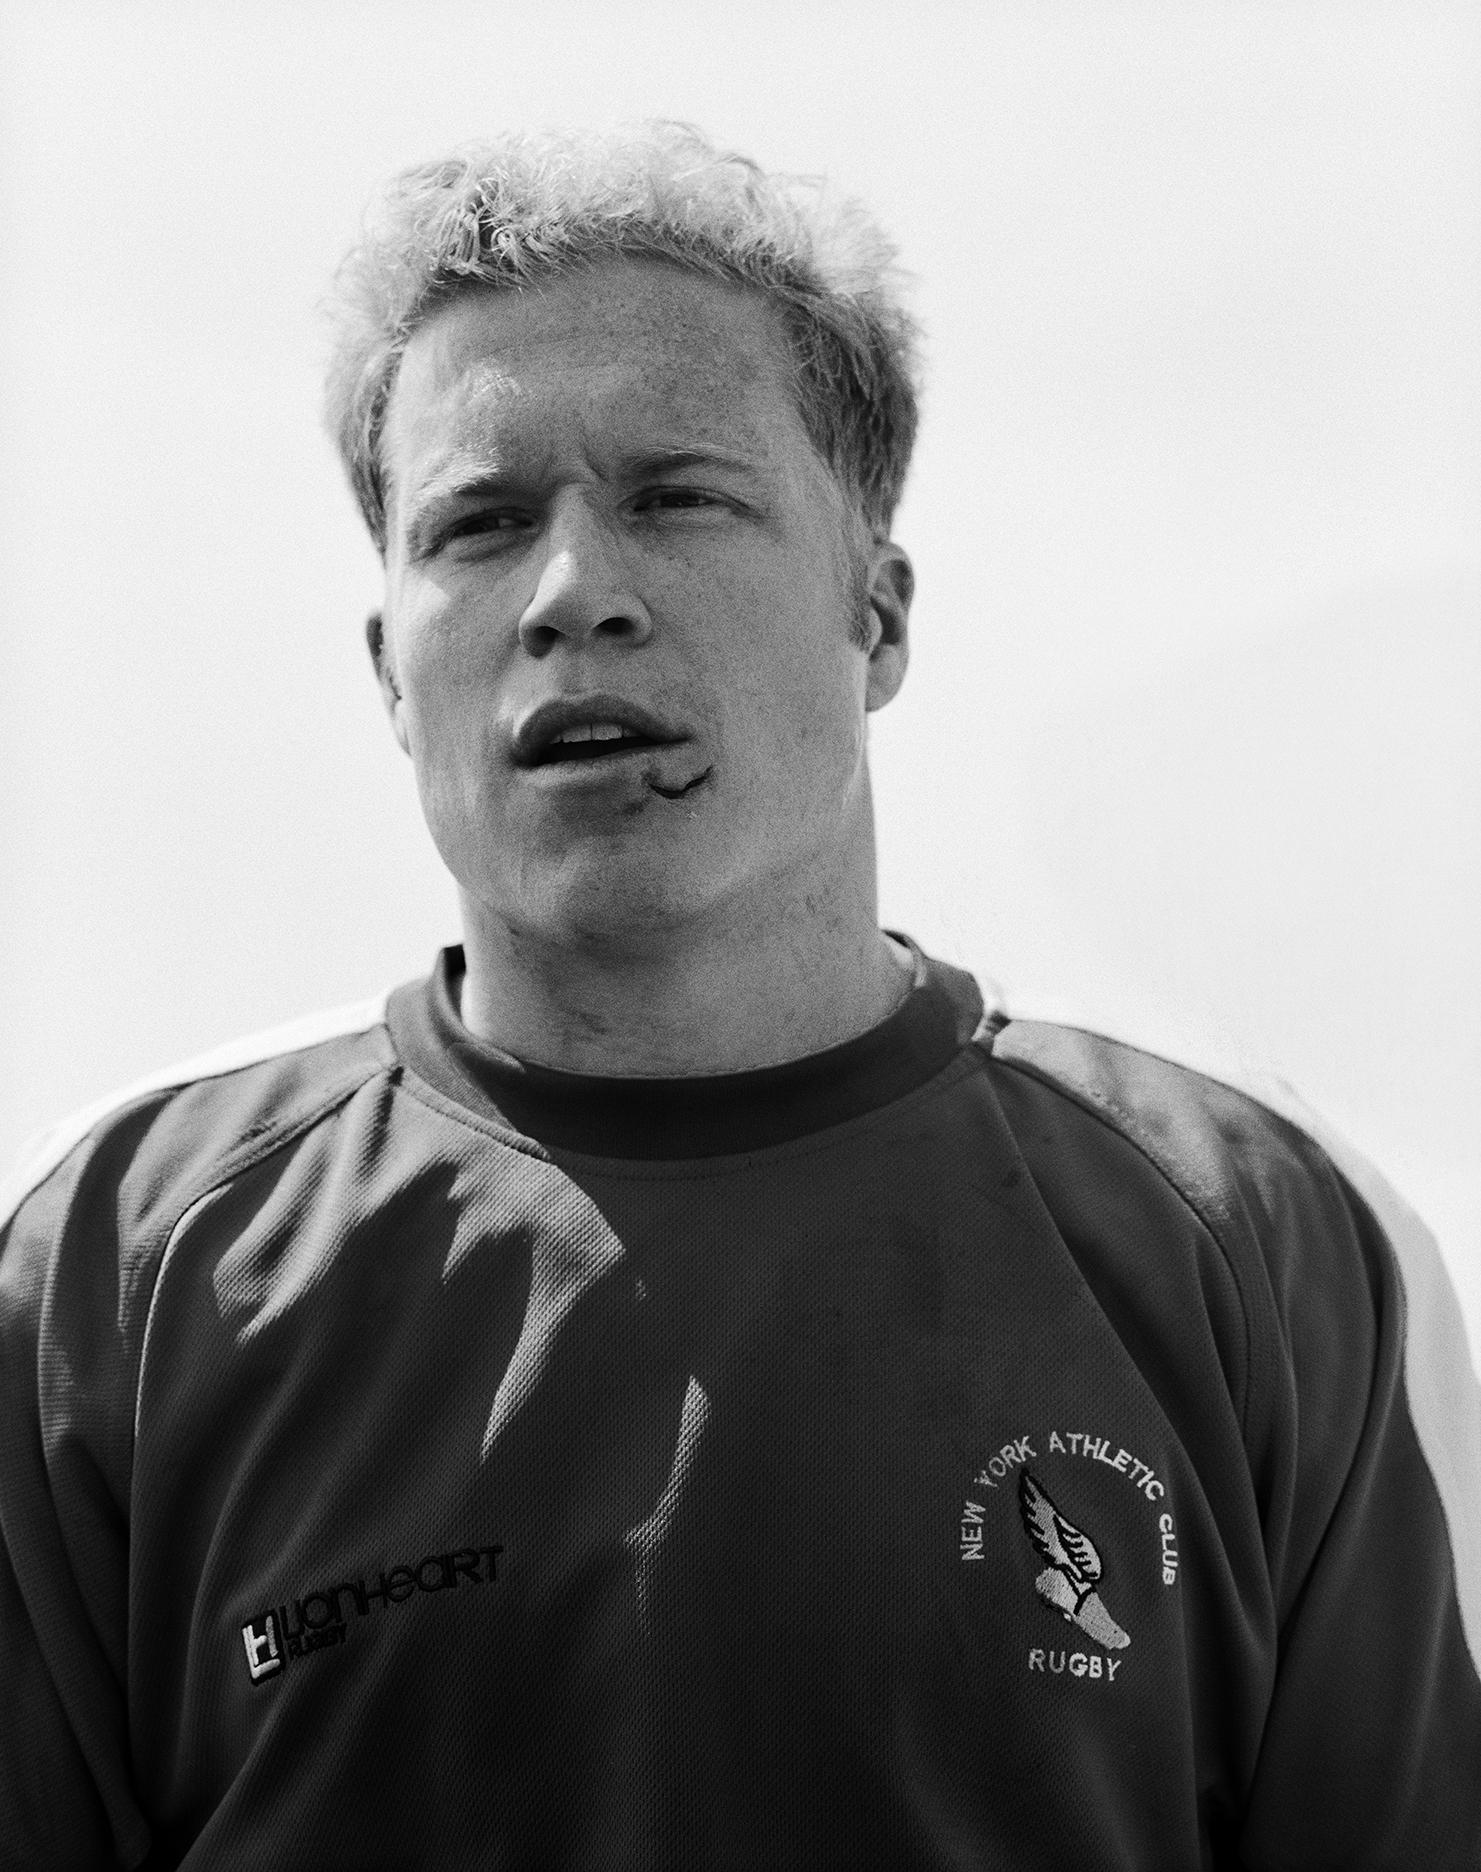 rugby046.jpg